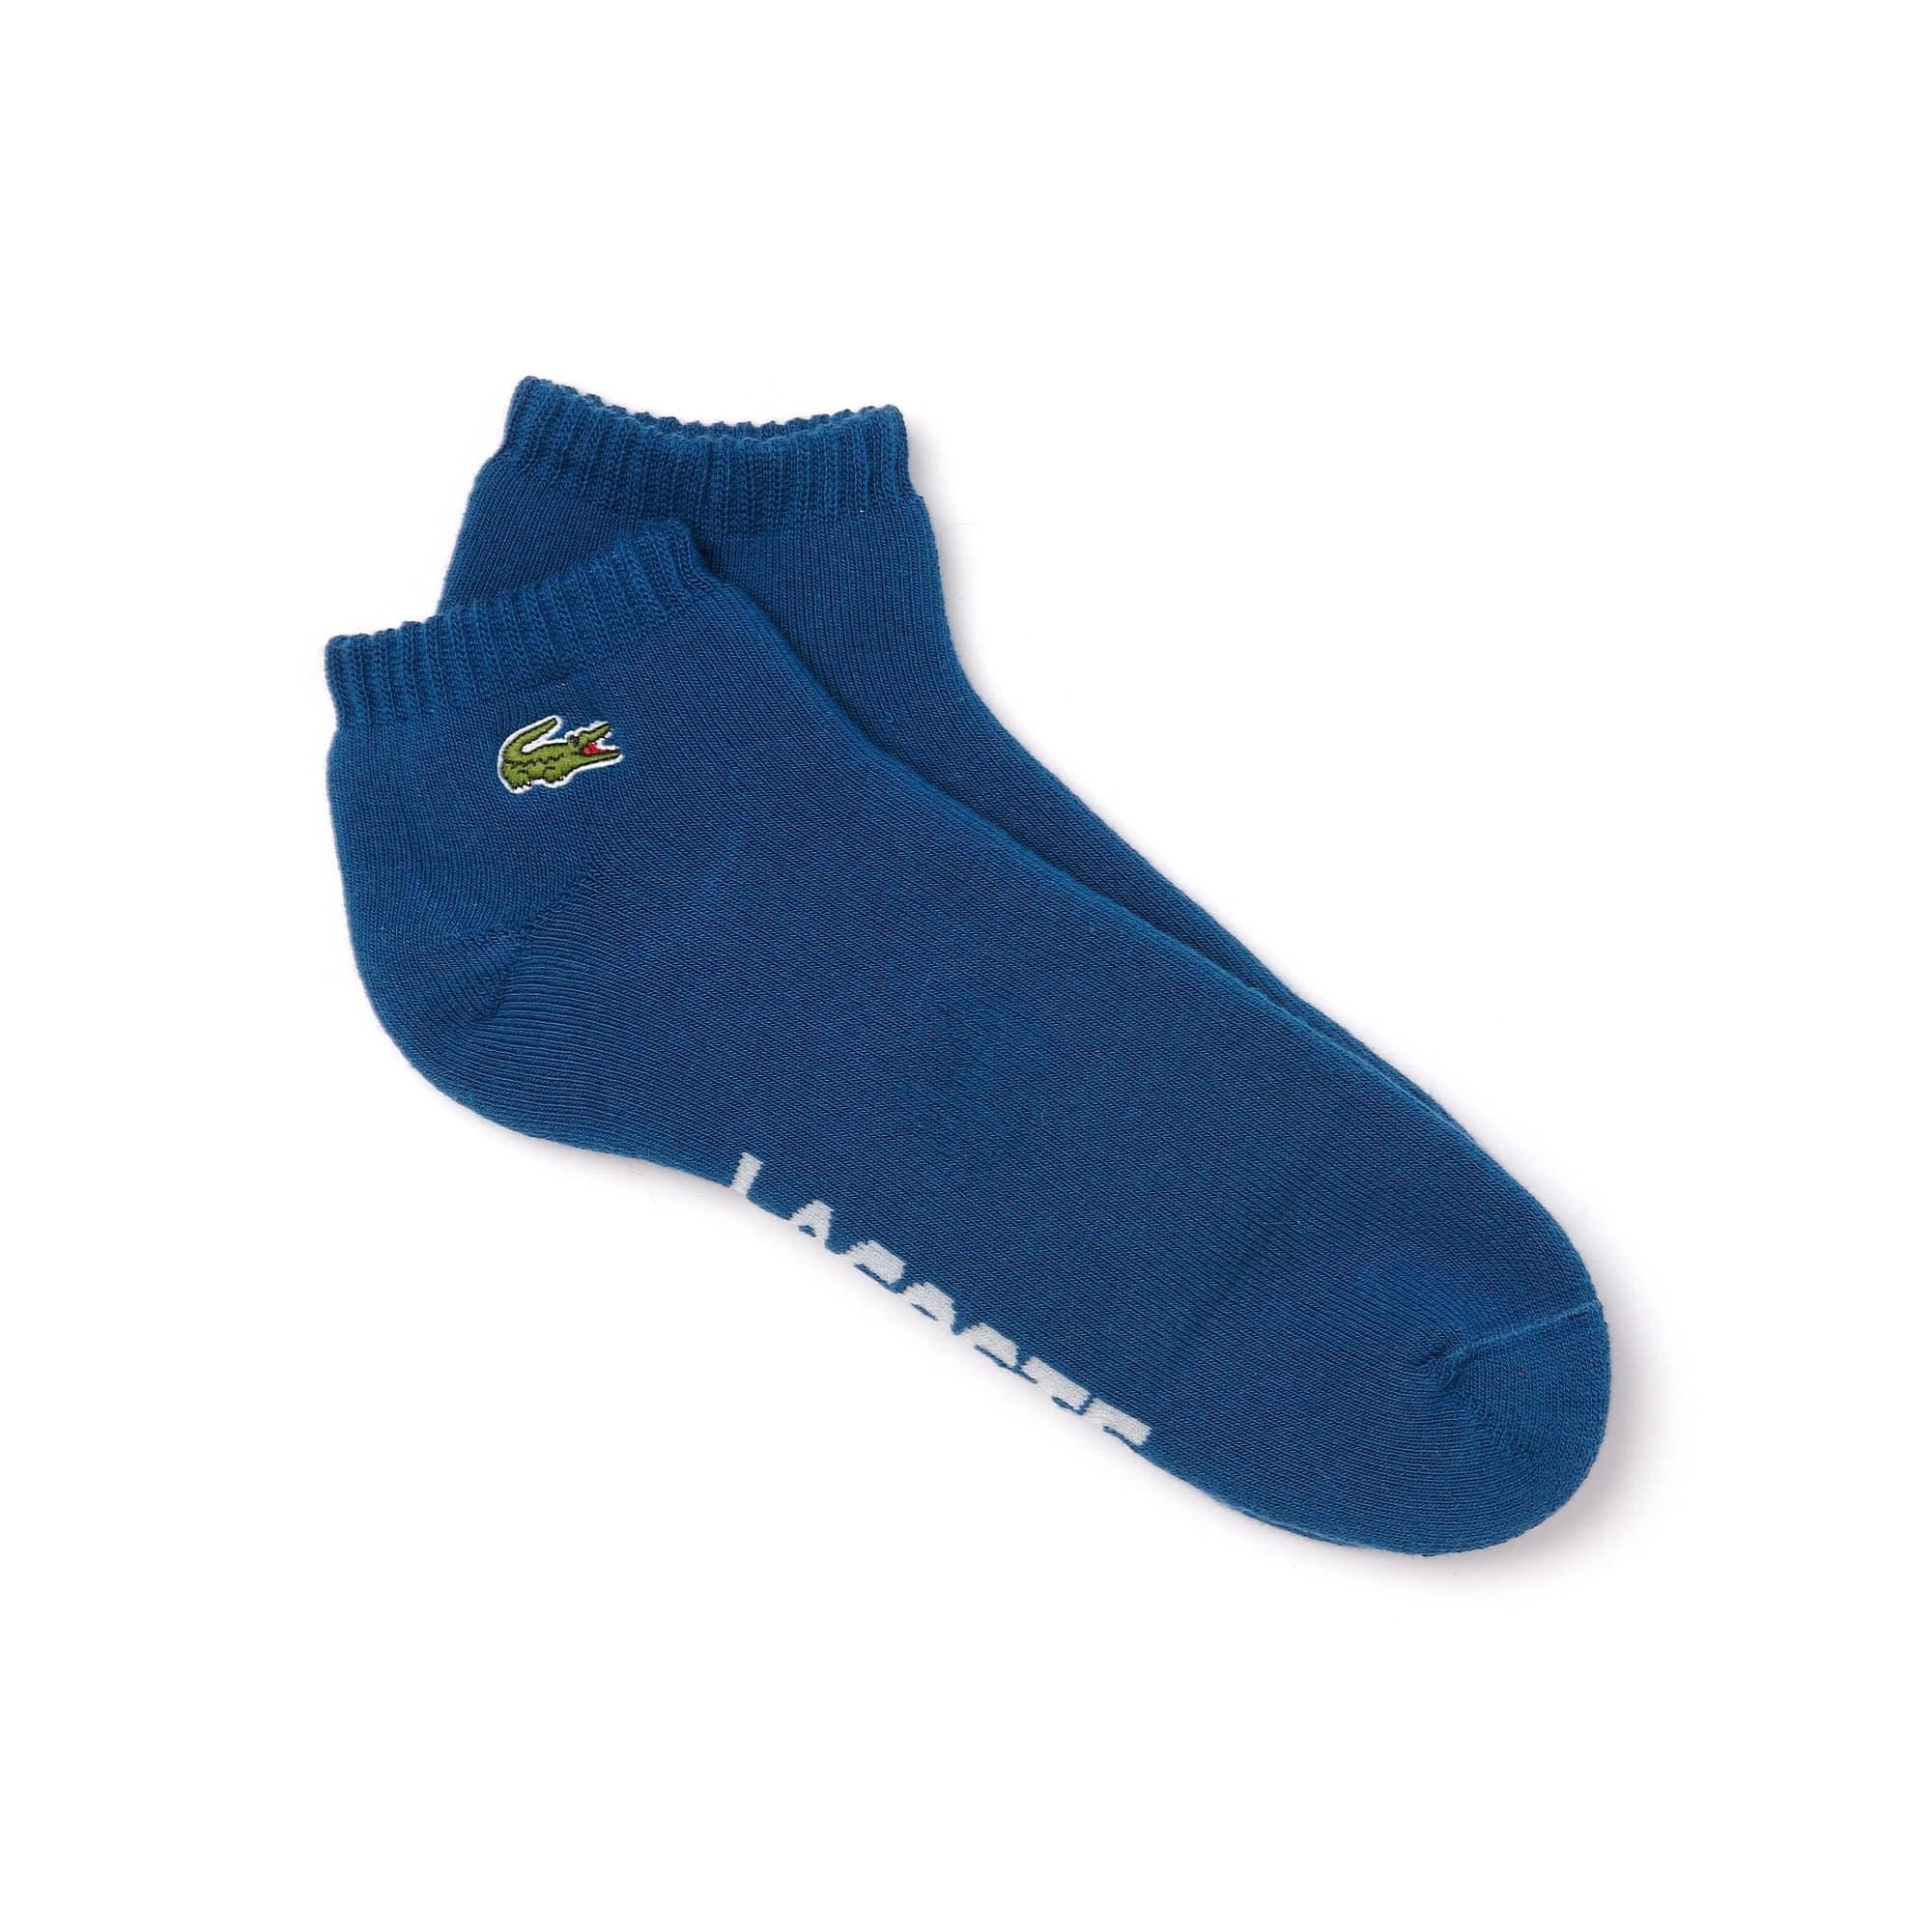 Socquettes Lacoste SPORT en jersey bouclette uni